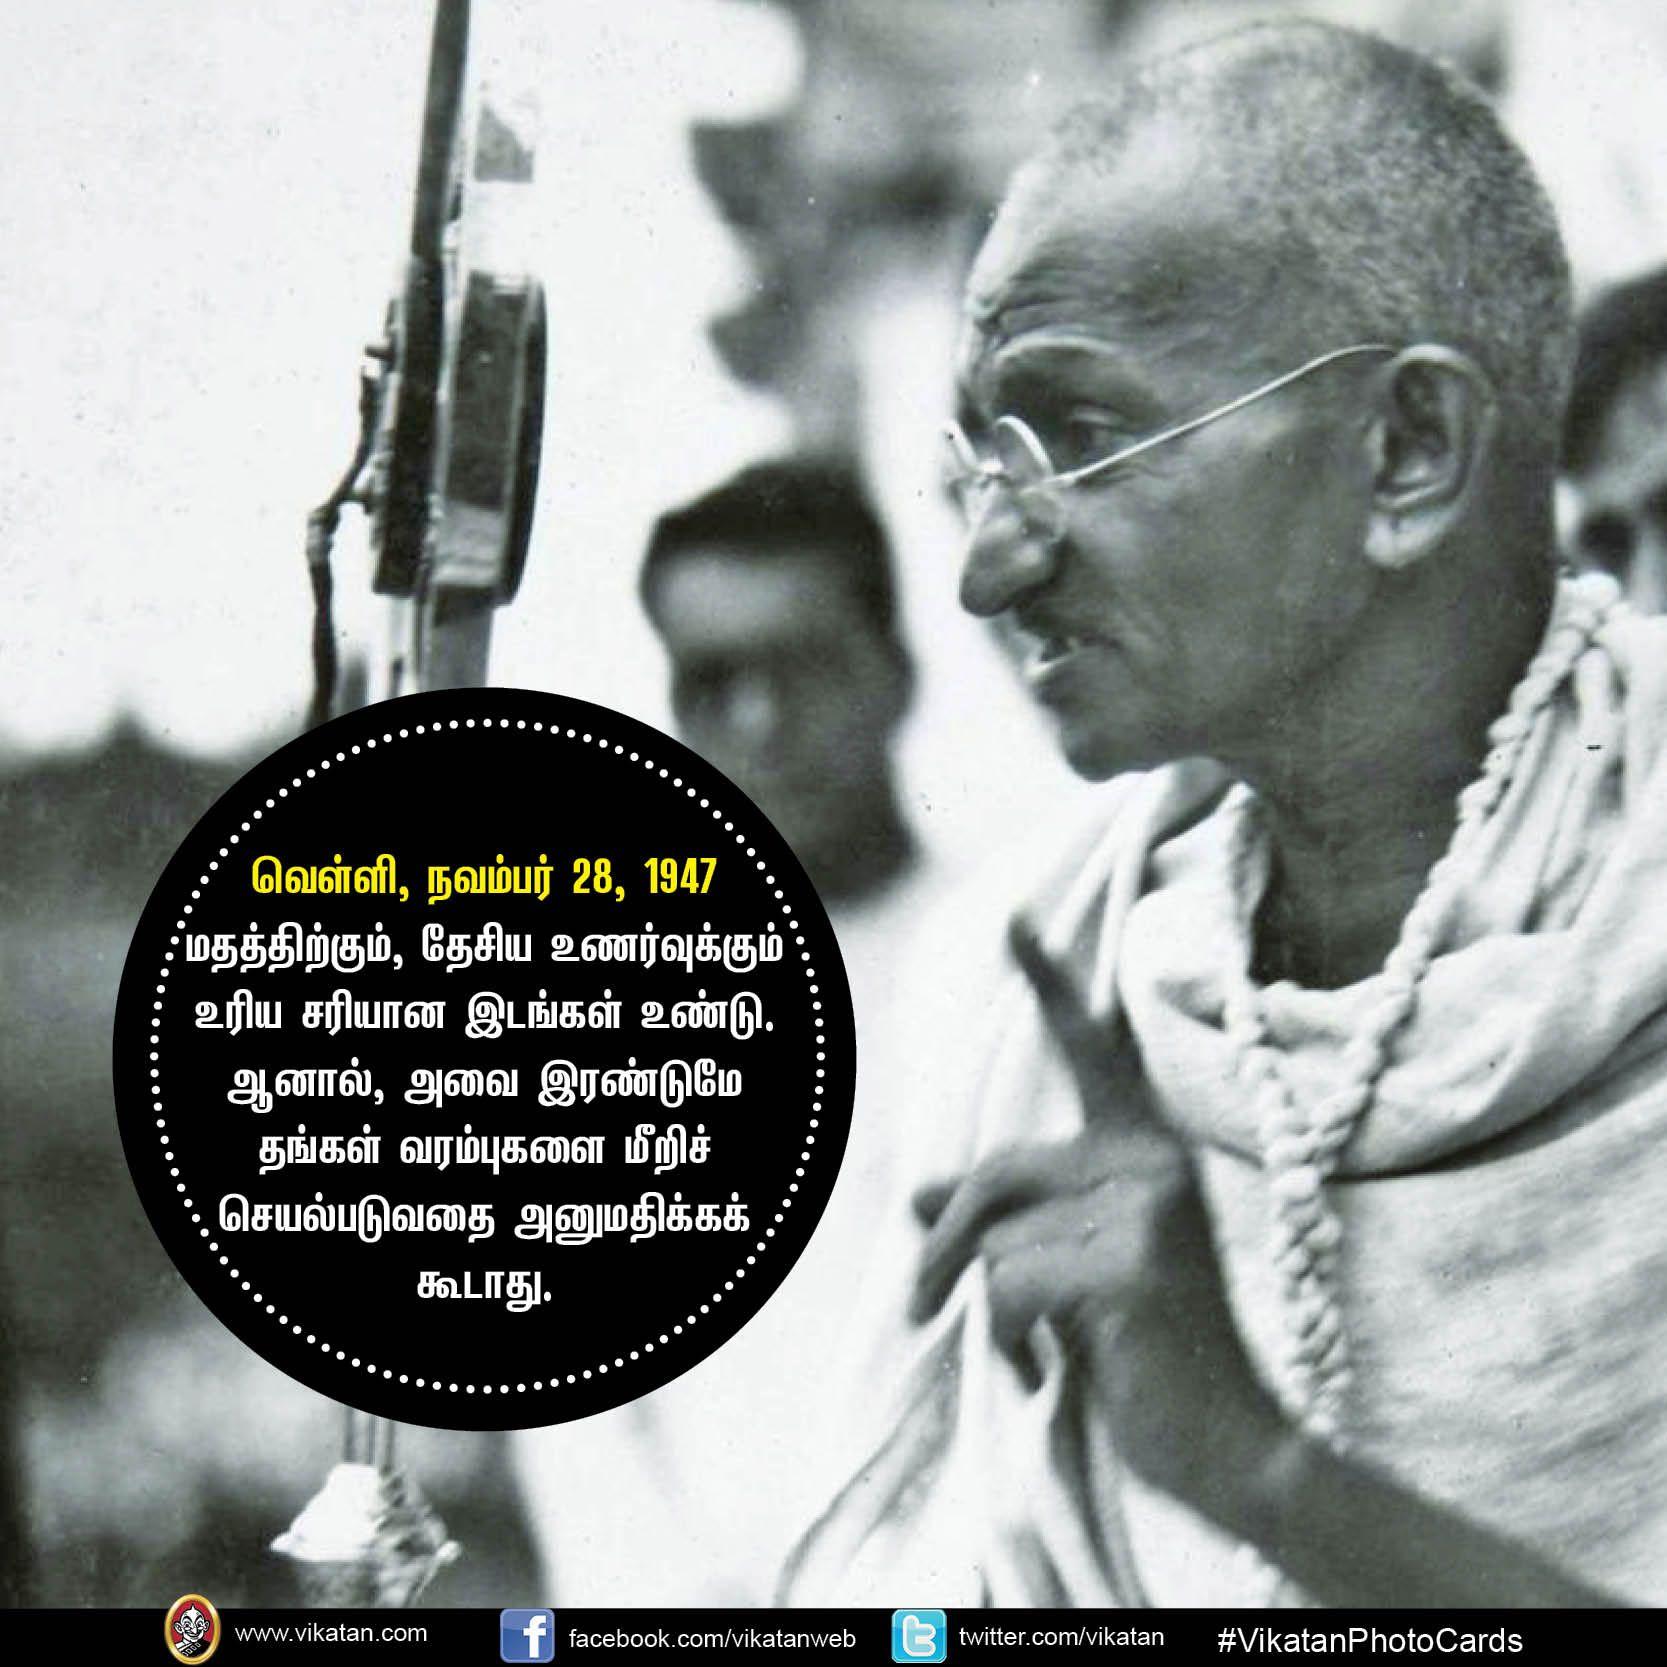 மகாத்மா காந்தி சிந்தனைகள்... தொகுப்பு.. சே.த இளங்கோவன்